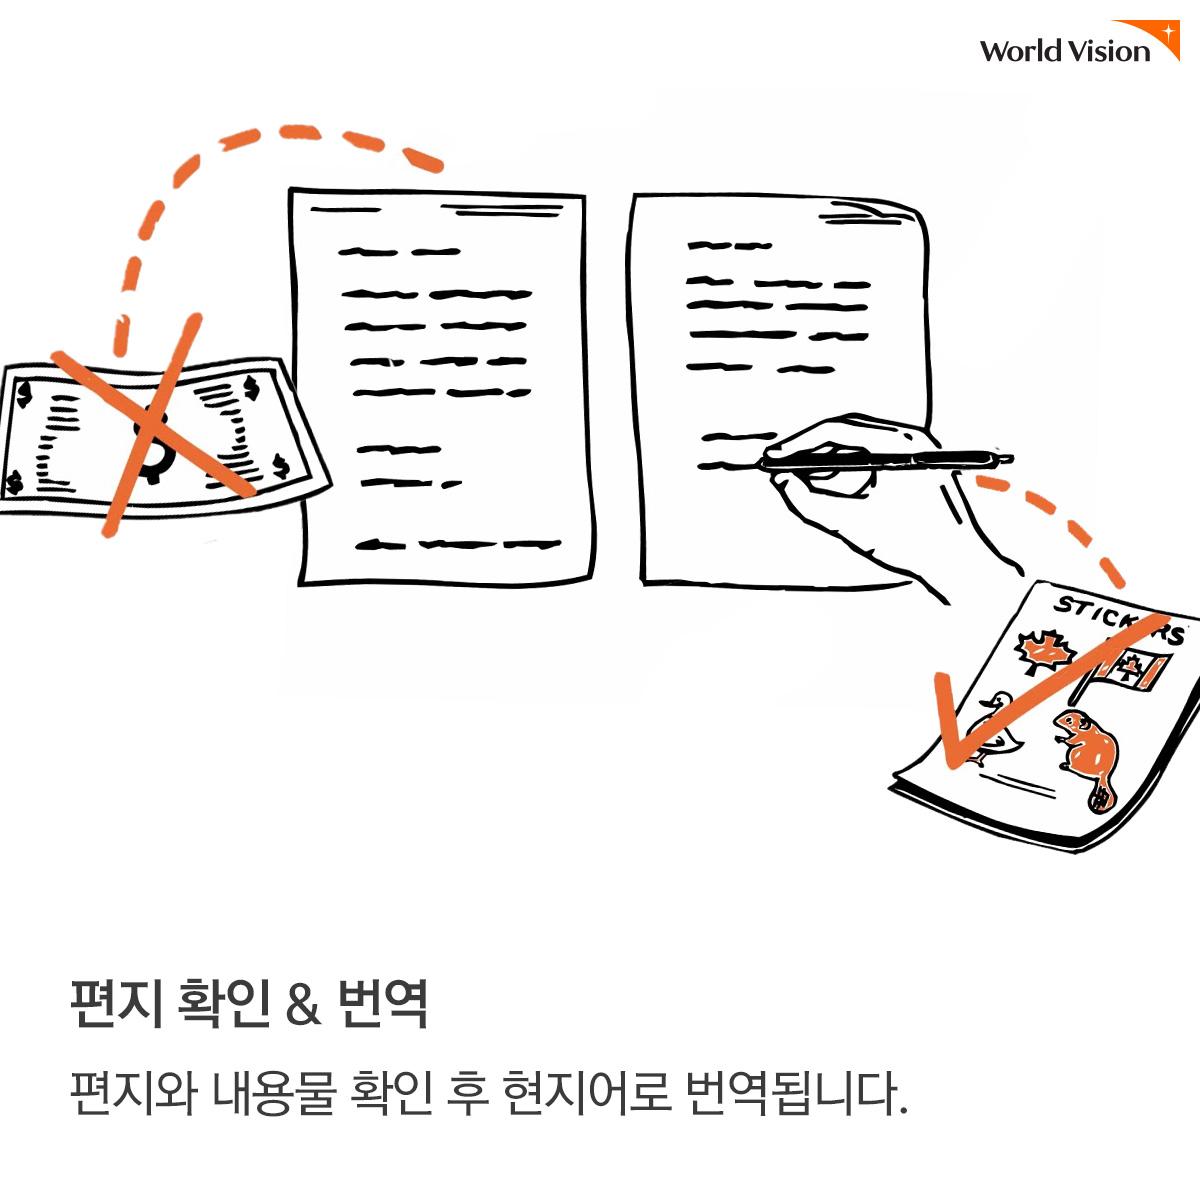 편지 확인 & 번역:편지와 내용물 확인 후 현지어로 번역됩니다.